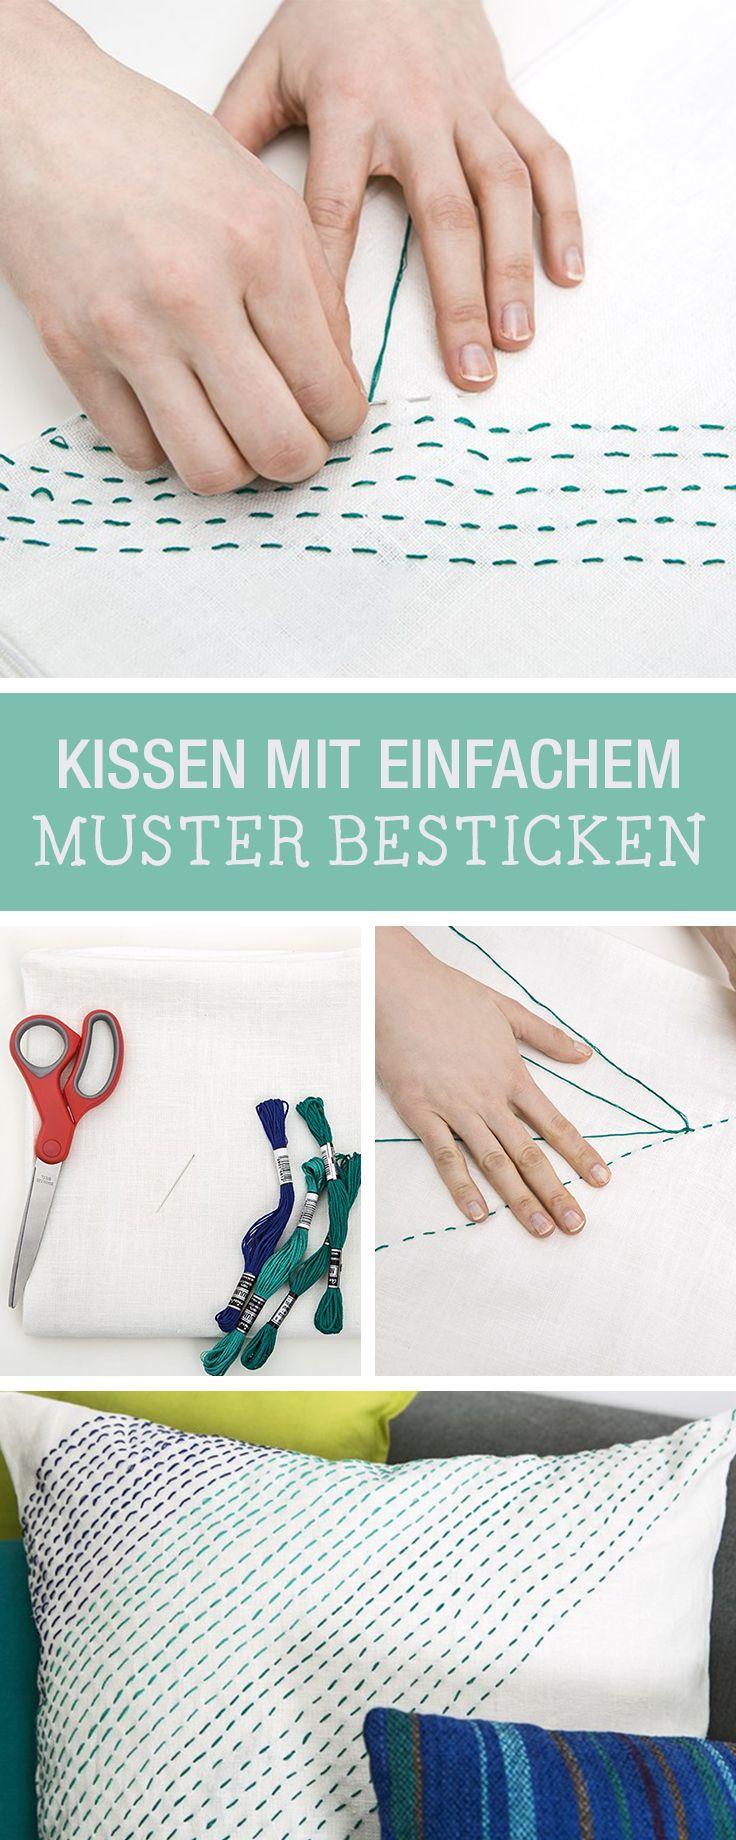 DIY-Anleitung: Kissenbezug mit einfachem Muster besticken via ...